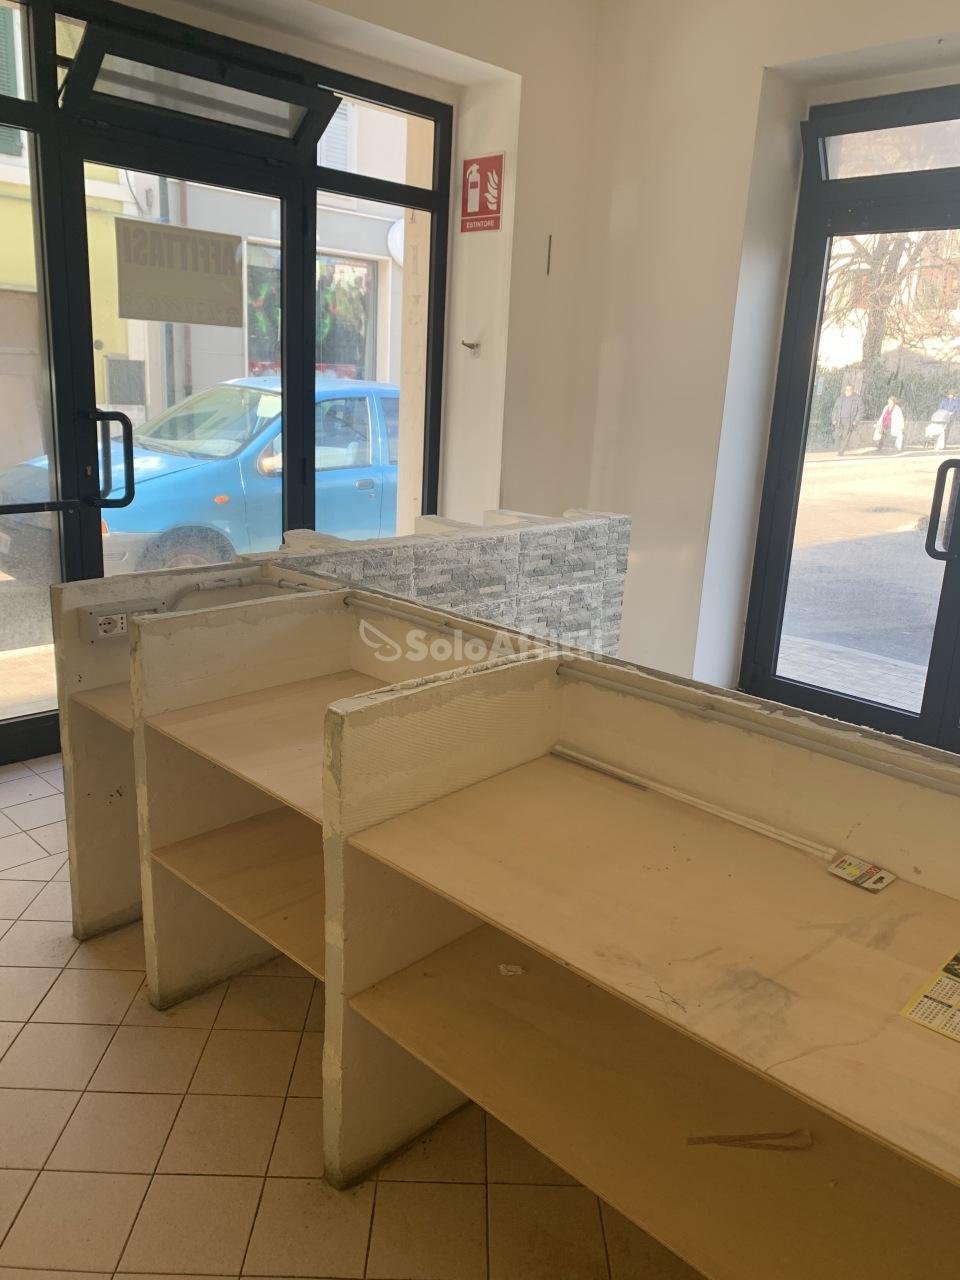 Fondo/negozio - 2 vetrine/luci a San Benedetto del Tronto Rif. 11702430